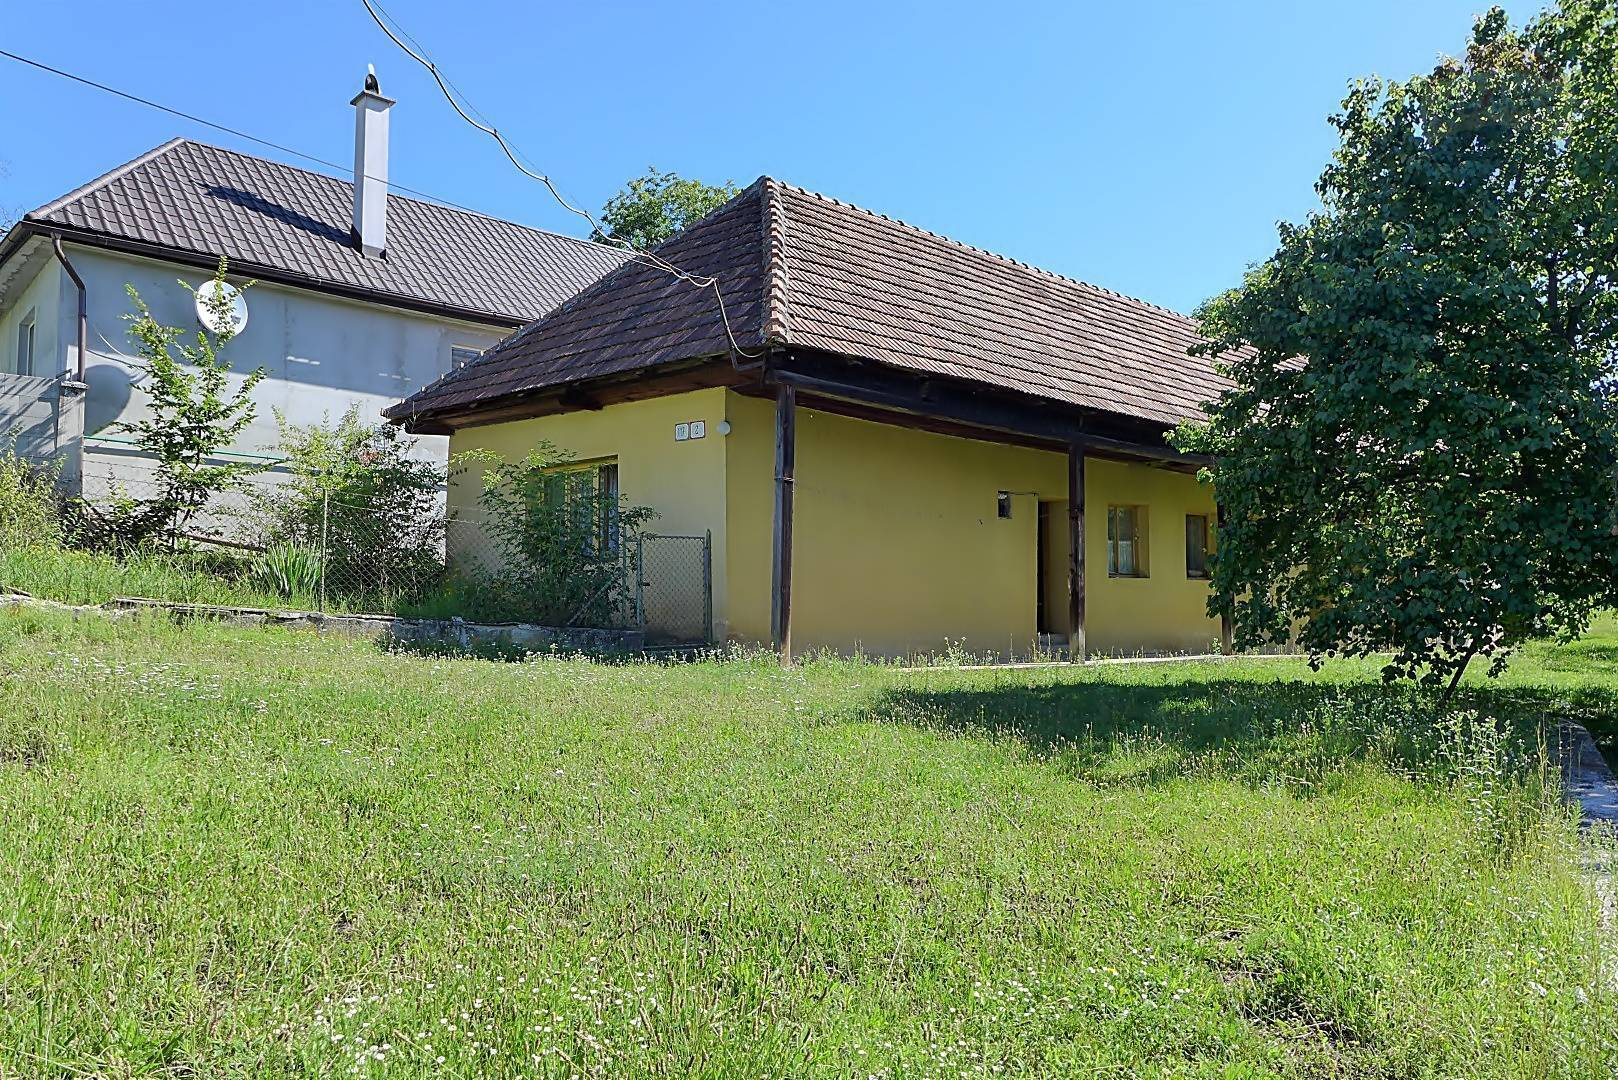 Predaj domu 134 m2, Dolné Vestenice - Starší rodinný dom na parcele 2758 m2 obec- Dolné Vestenice okres PRIEVIDZA